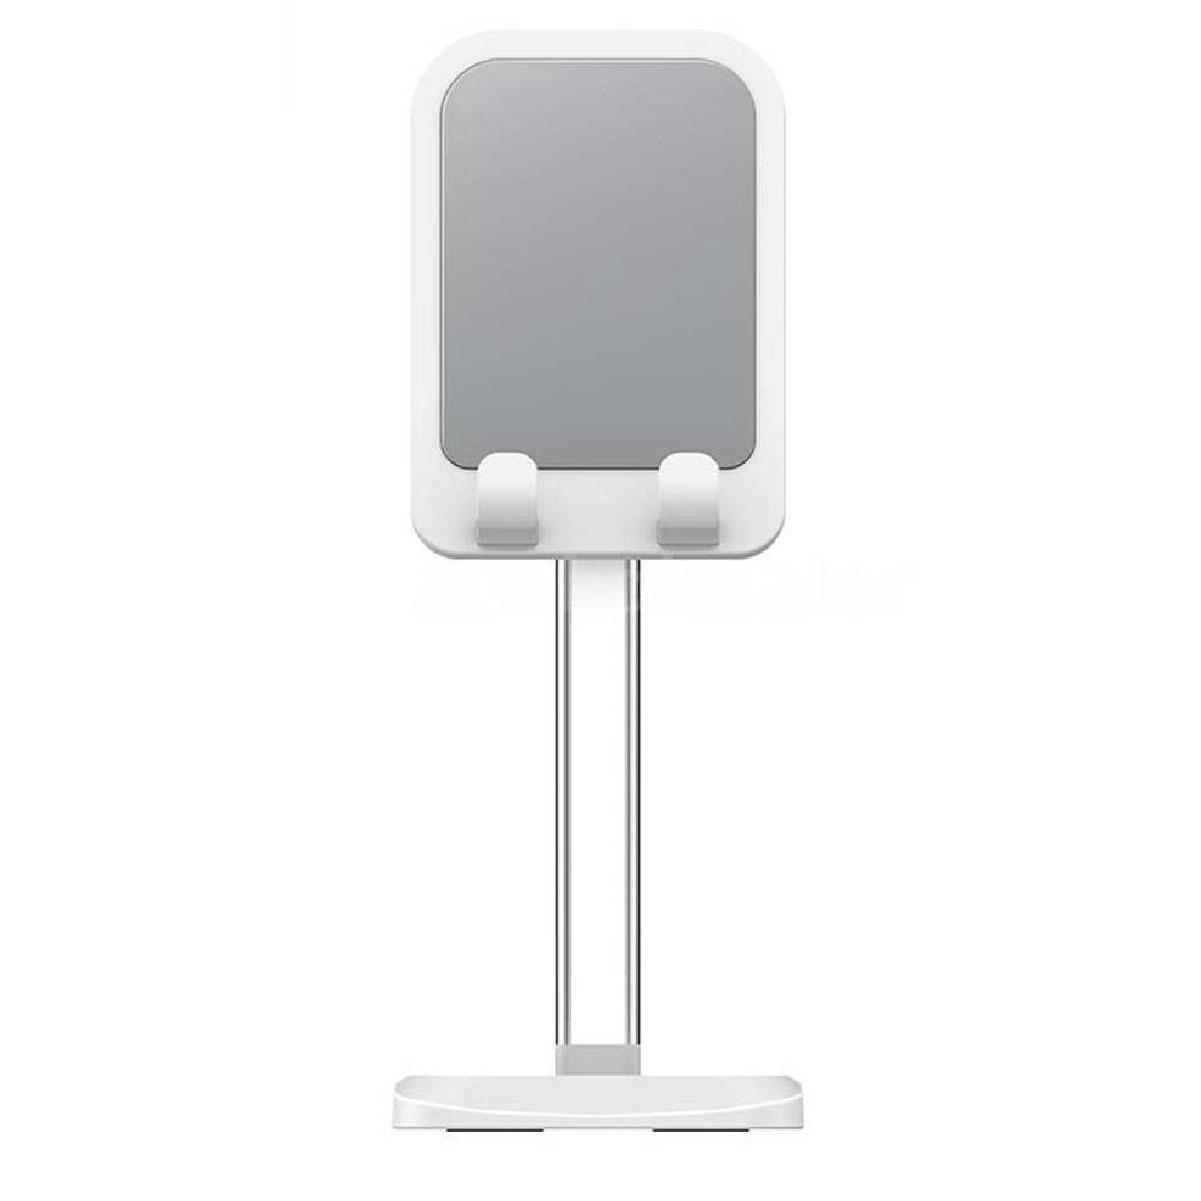 Suporte Mesa Ajustável para Celular Universal Liftable Rock Branco